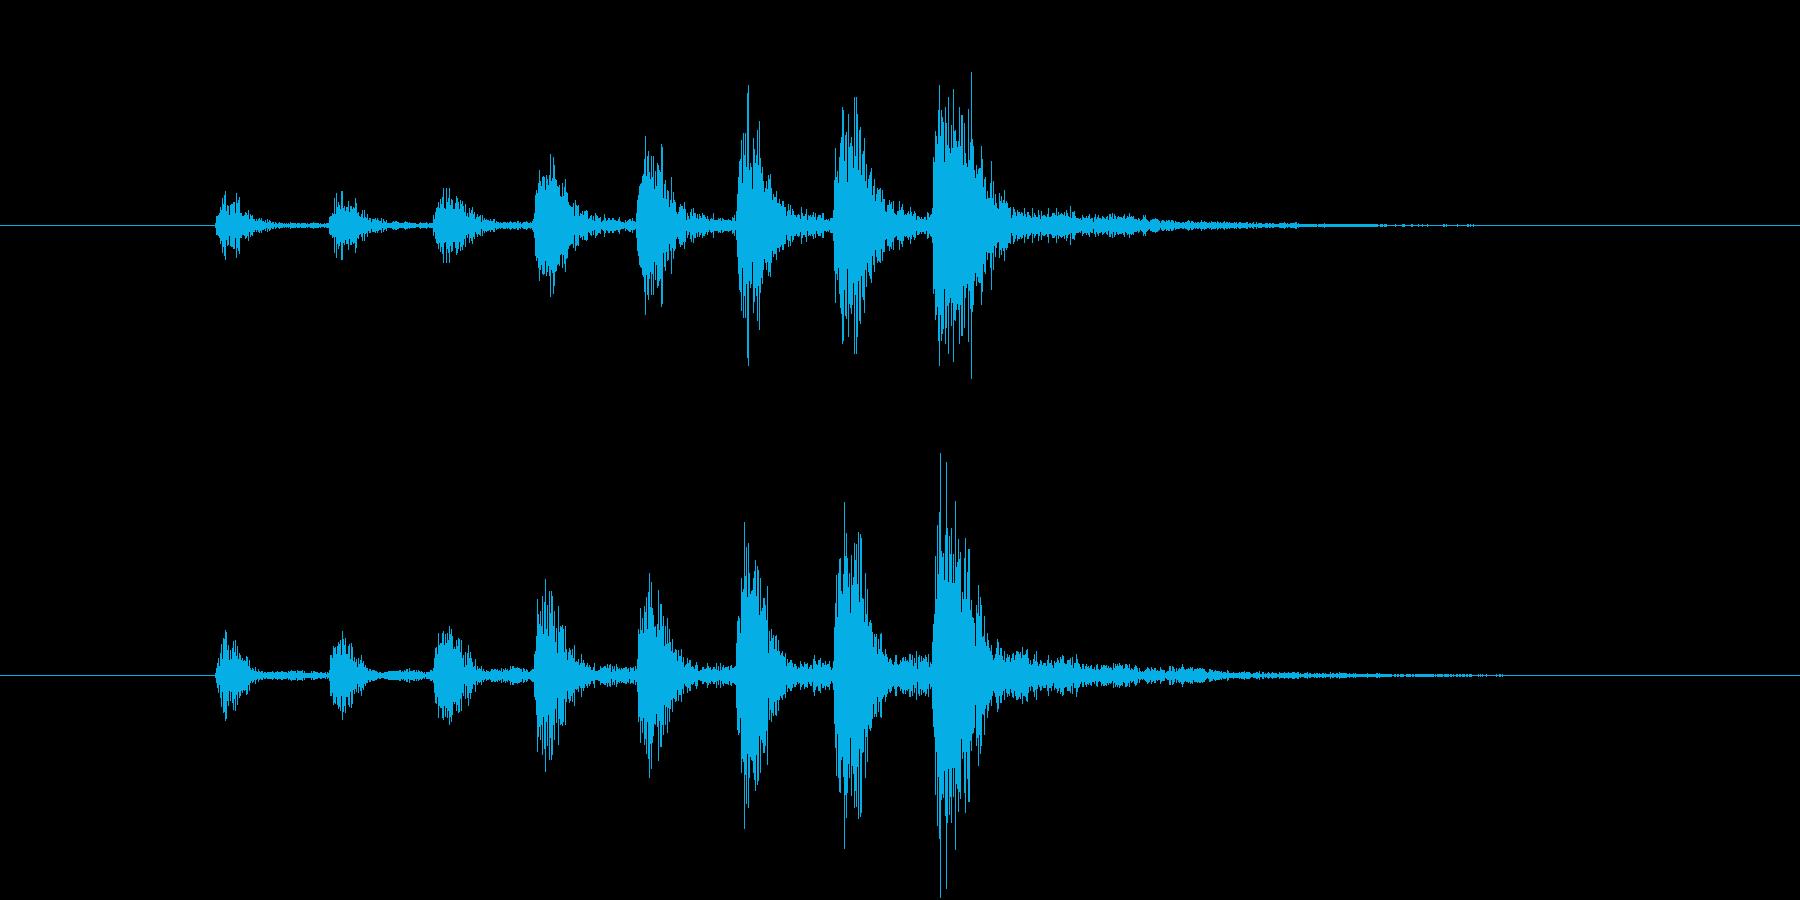 【生楽器】定番の迫る恐怖!速い版の再生済みの波形